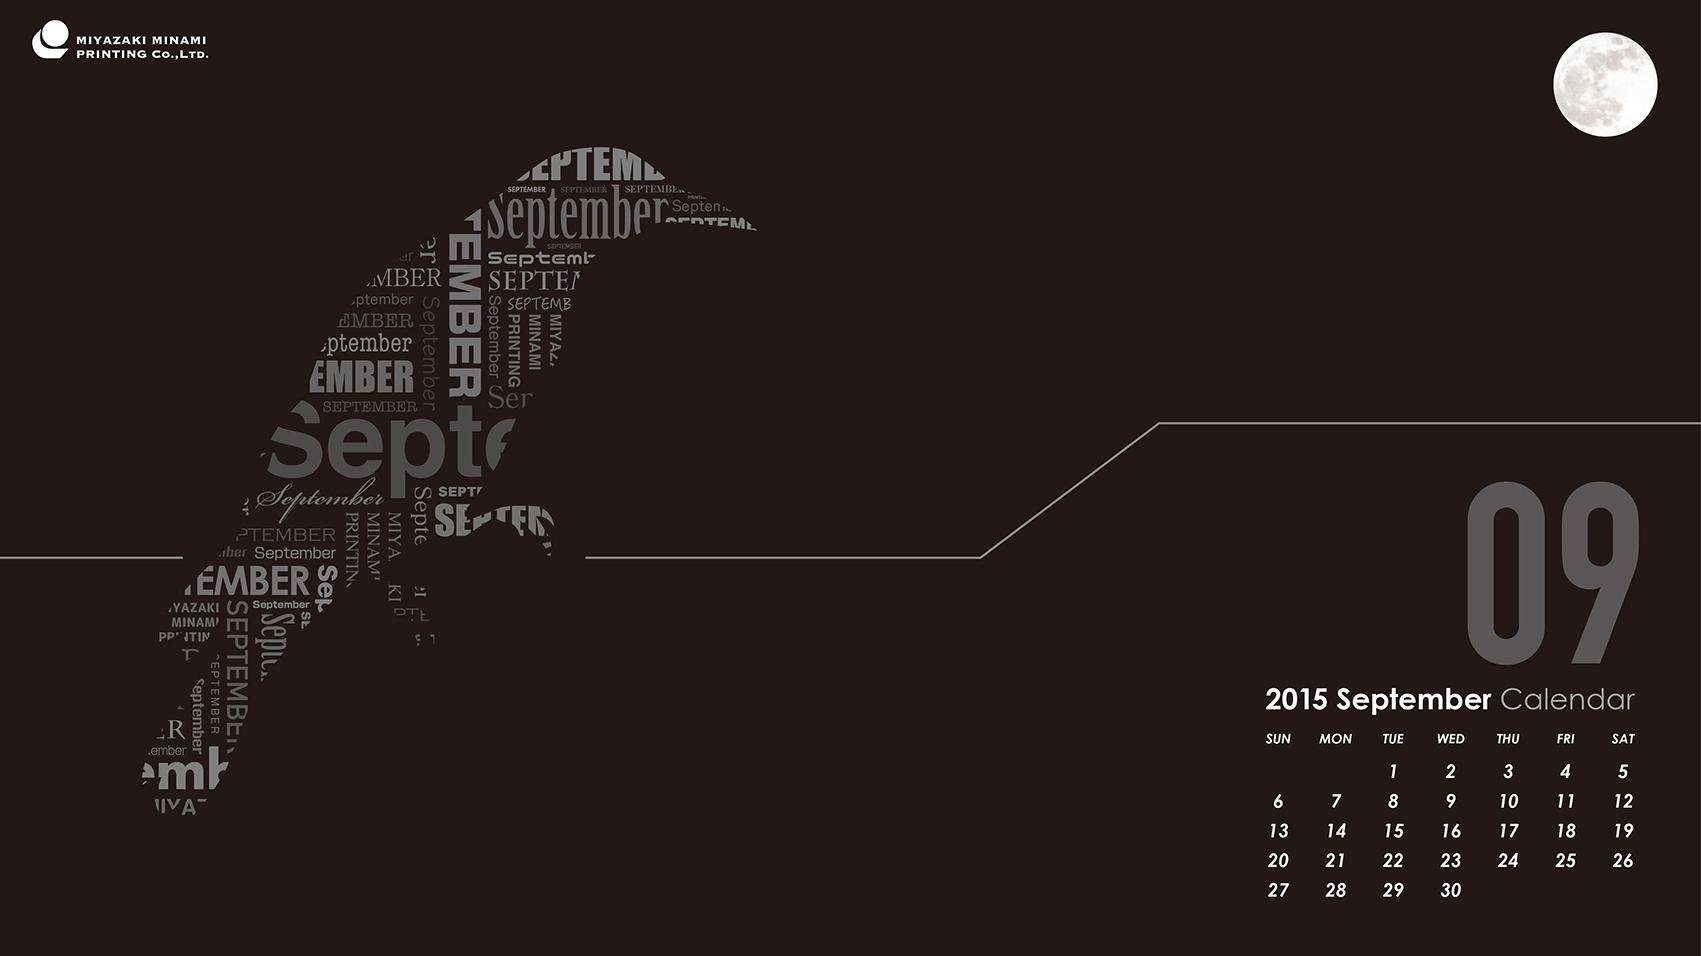 デスクトップカレンダー201509黒